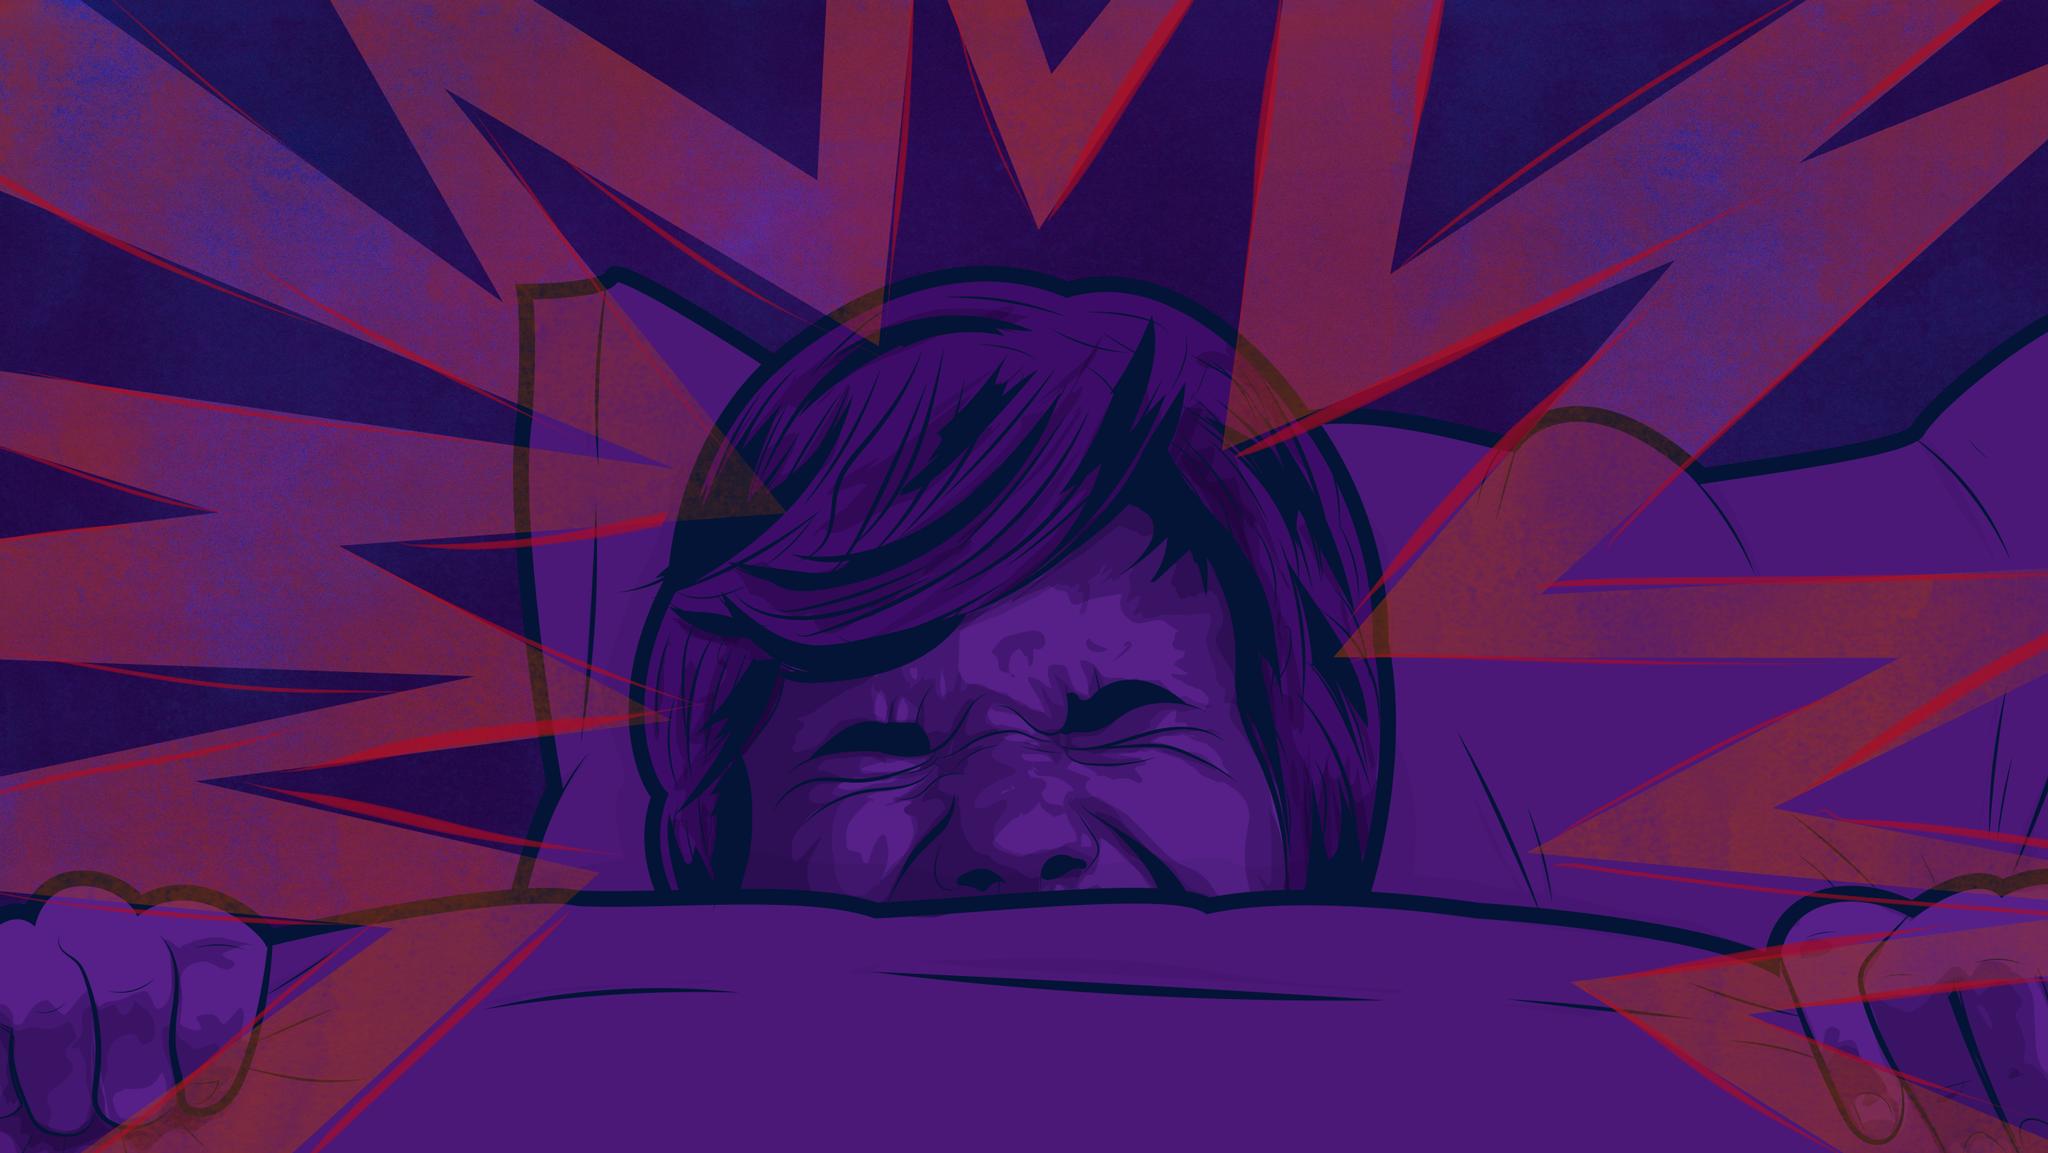 چرا برخلاف حرف زدن در خواب، جیغ زدن بعد از دیدن کابوس غیرممکن است؟